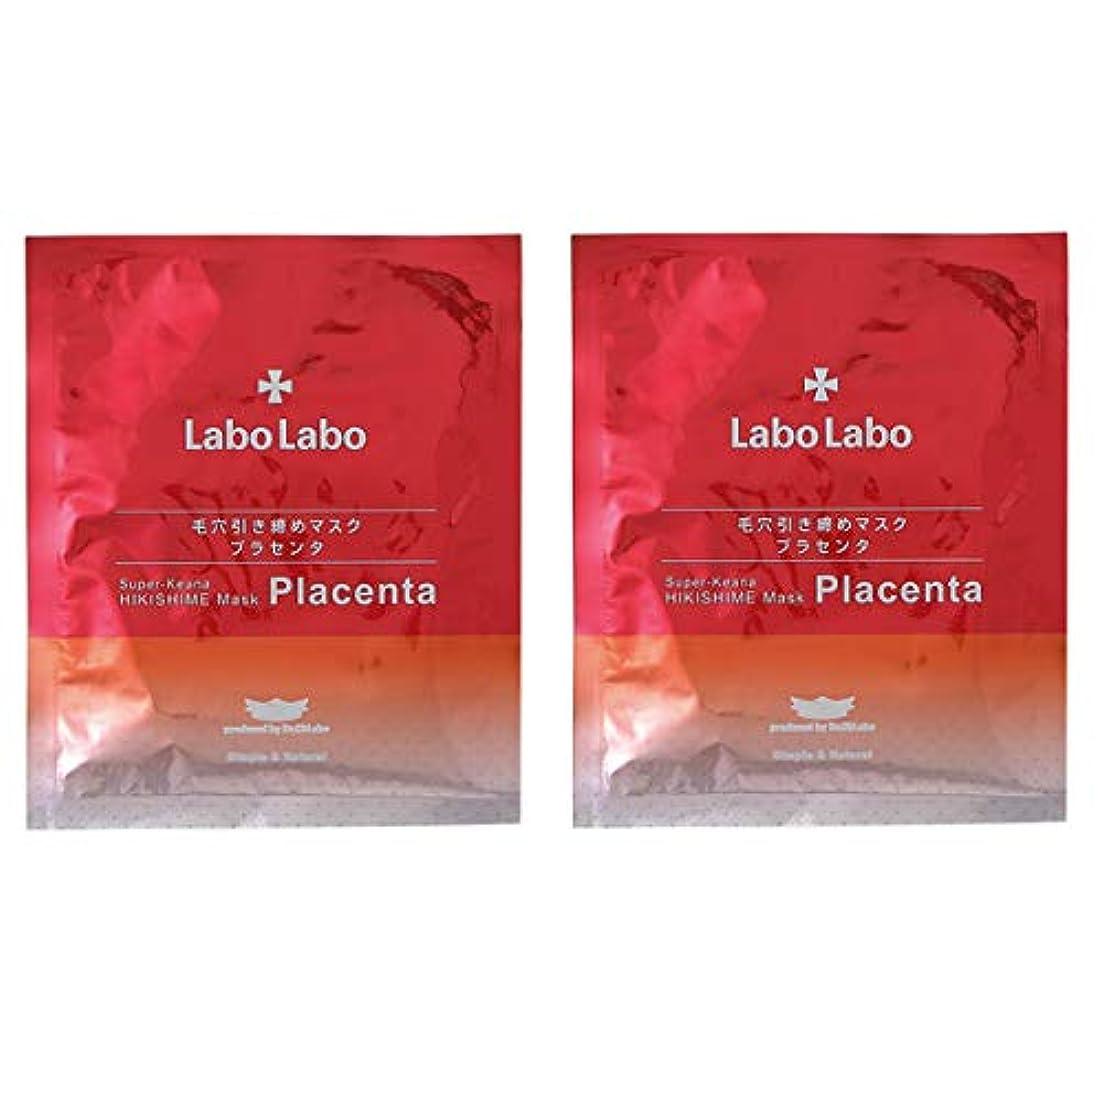 意気込みの慈悲で暗唱するドクターシーラボ Dr.Ci:Labo ラボラボ スーパー毛穴引き締めマスク プラセンタ 5枚入 2個セット